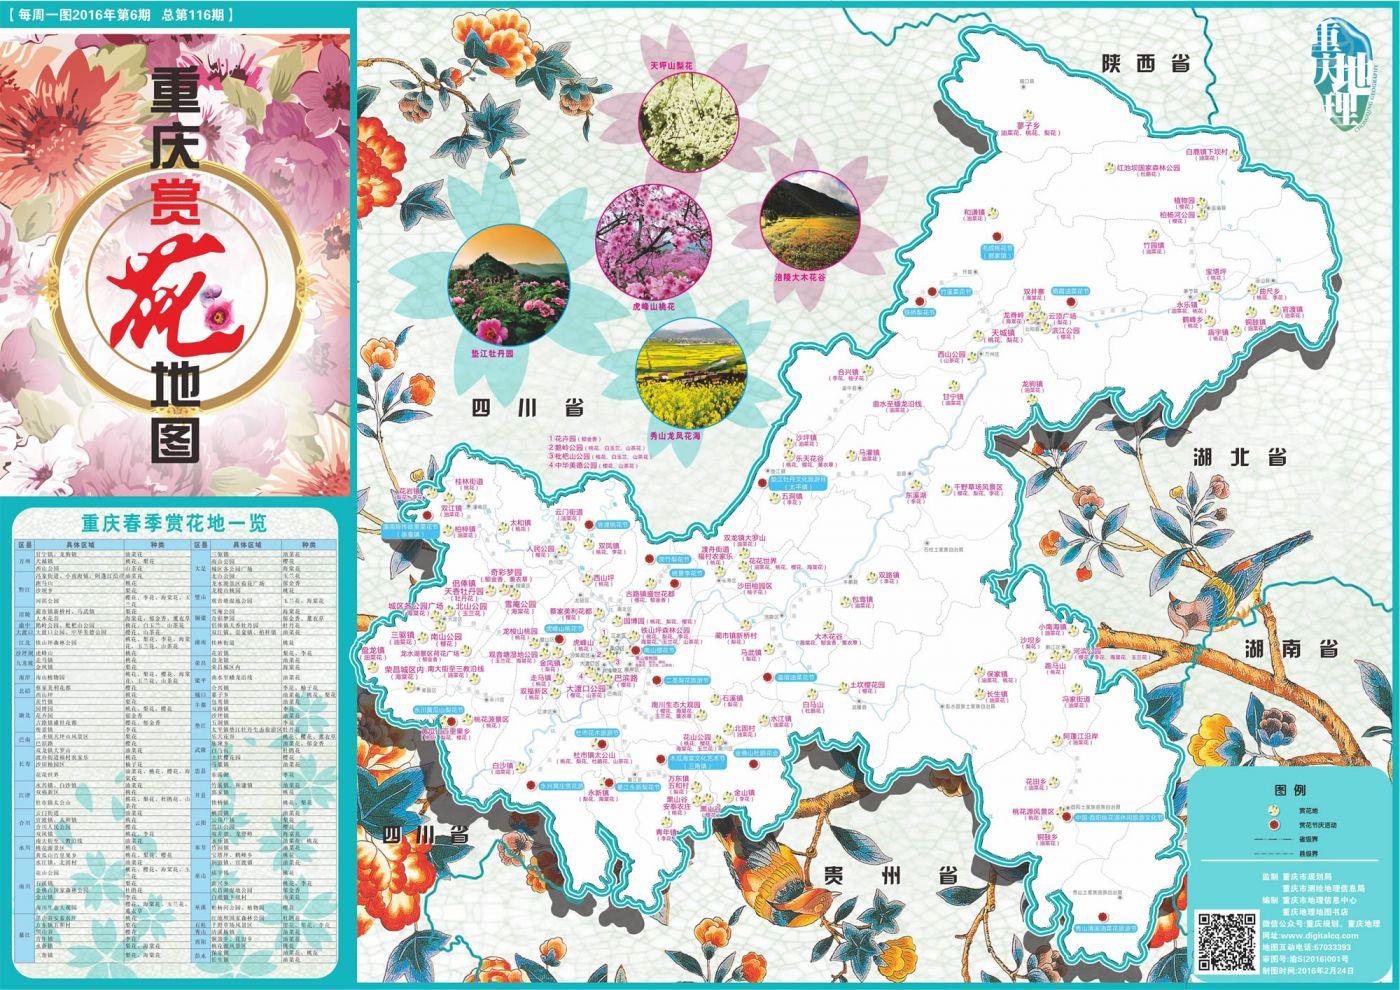 《重庆春来赏花地图》